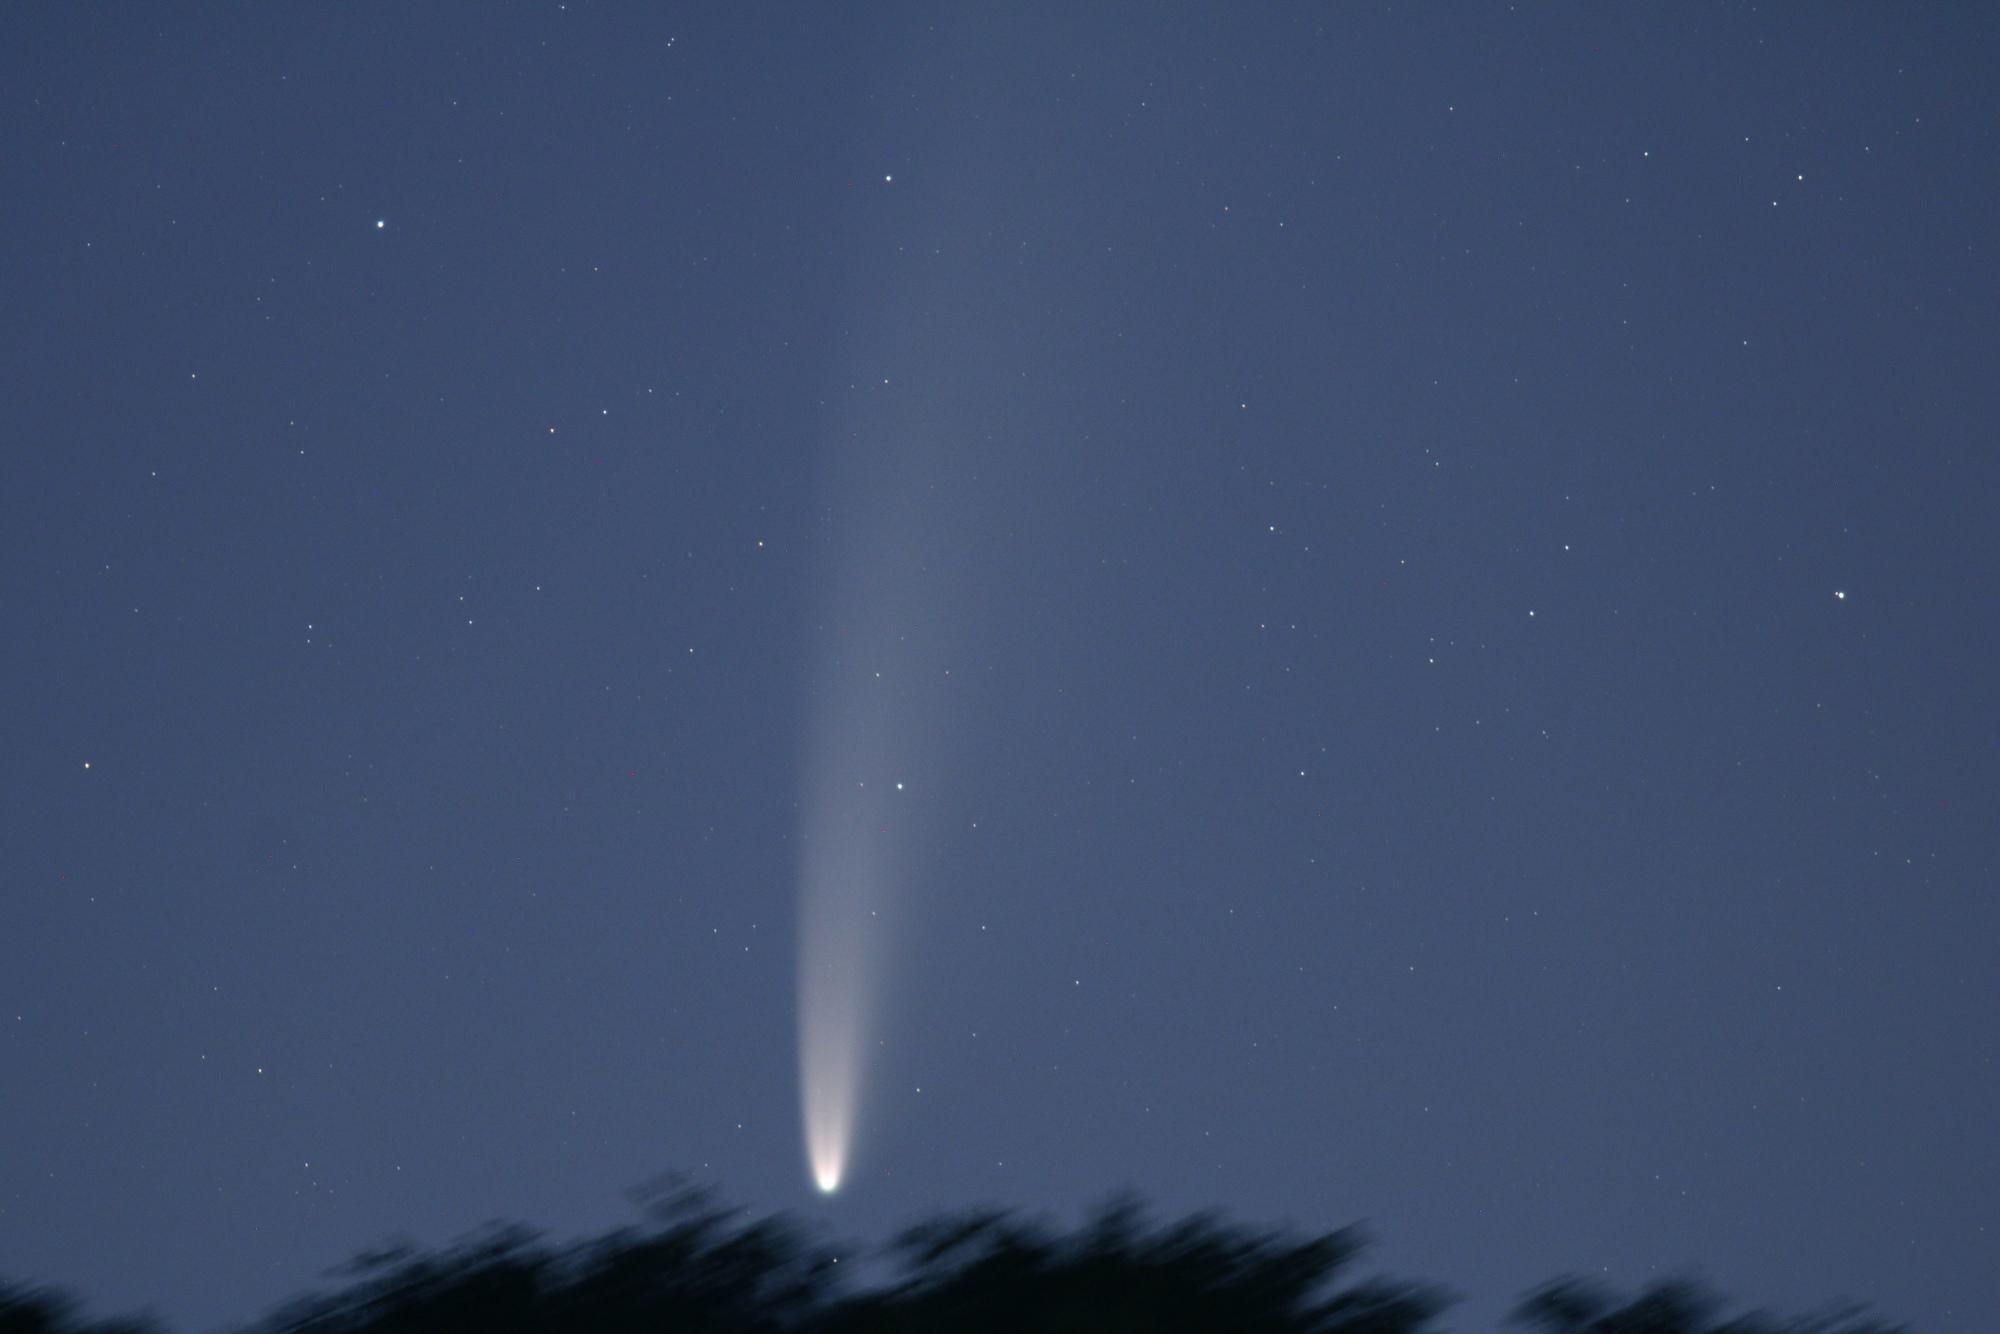 5f0bb08a48ac5_NEOWISE6883B1send.thumb.jpg.dacc51180fe17e282cbb5aab3366db5c.jpg